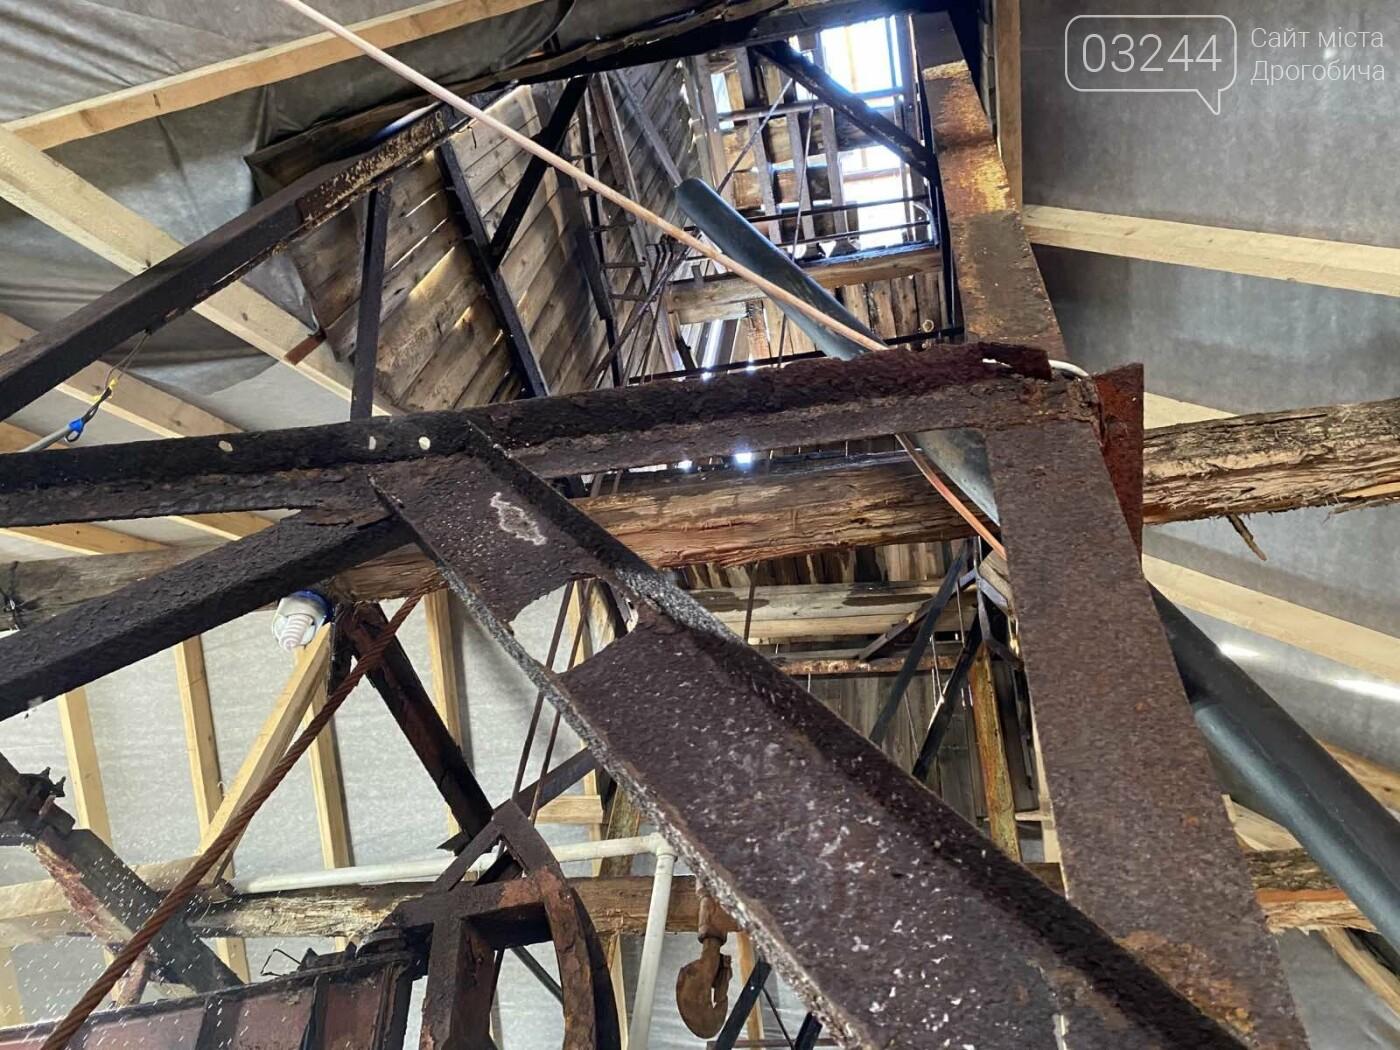 «У ньому вся сіль!» - у Дрогобичі відновили екскурсії на солевиварювальний завод, - ФОТО, ВІДЕО, фото-9